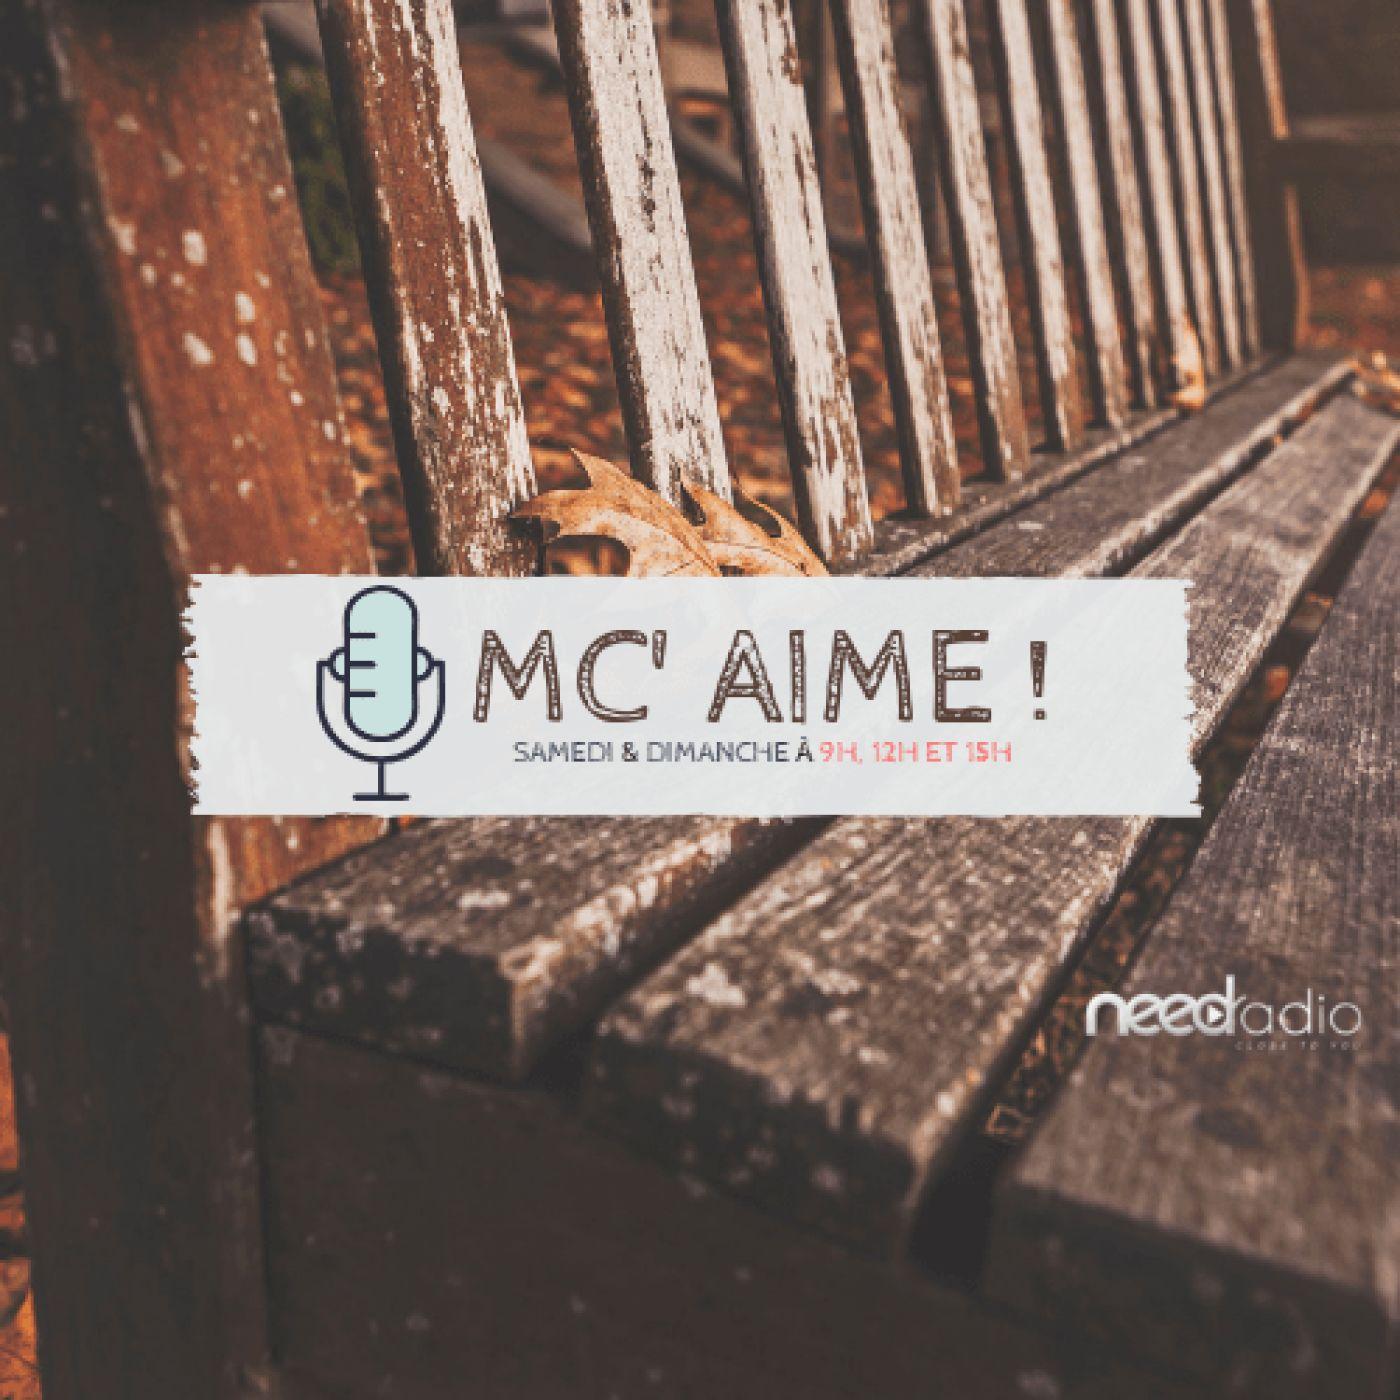 MC' Aime - Rêves Aborigènes et Insulaires d'Australie (02/03/19)